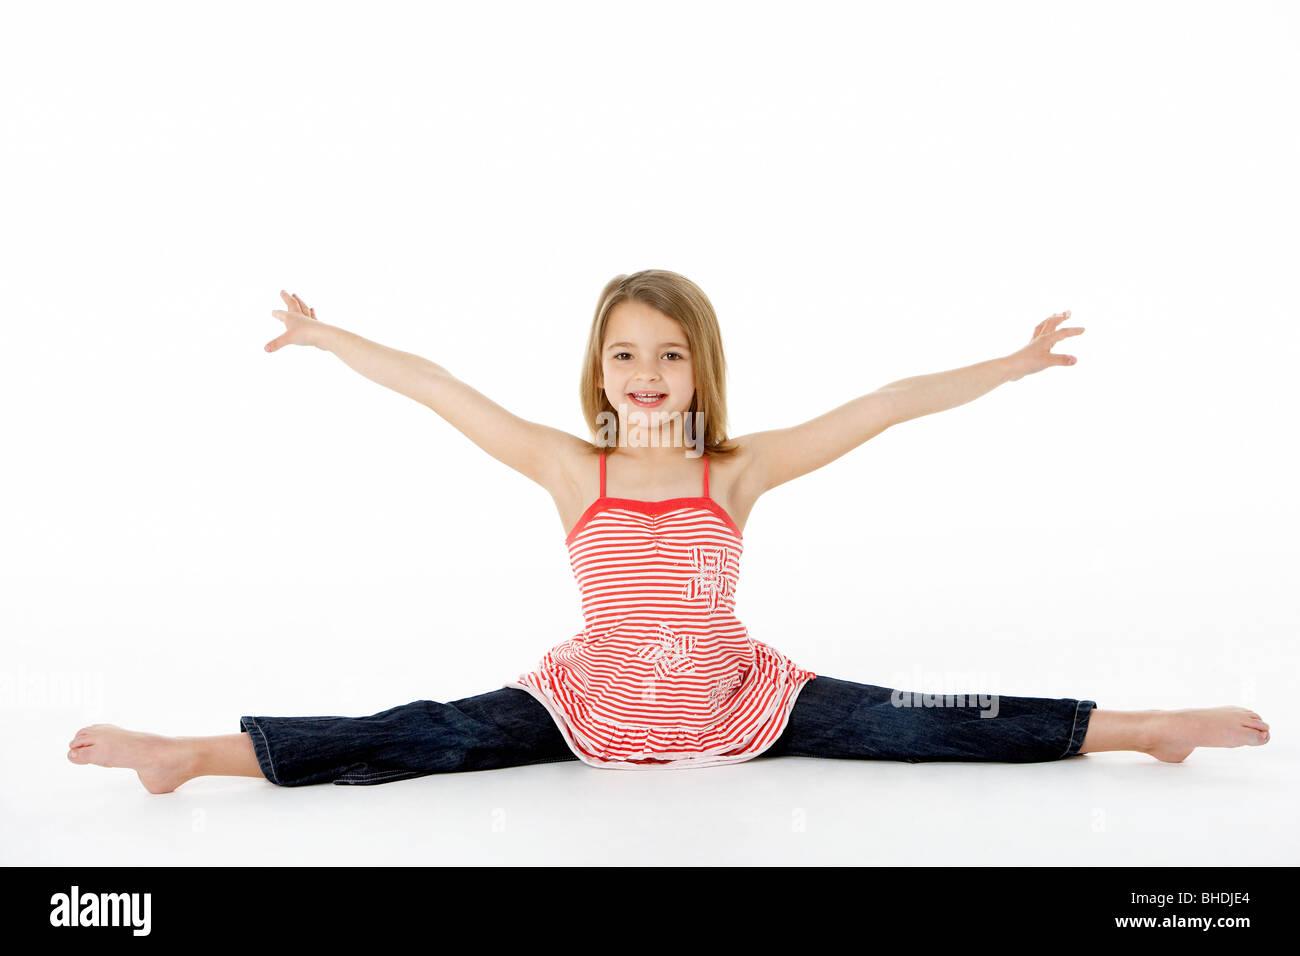 Muchacha con pose de gimnasia haciendo divisiones Imagen De Stock